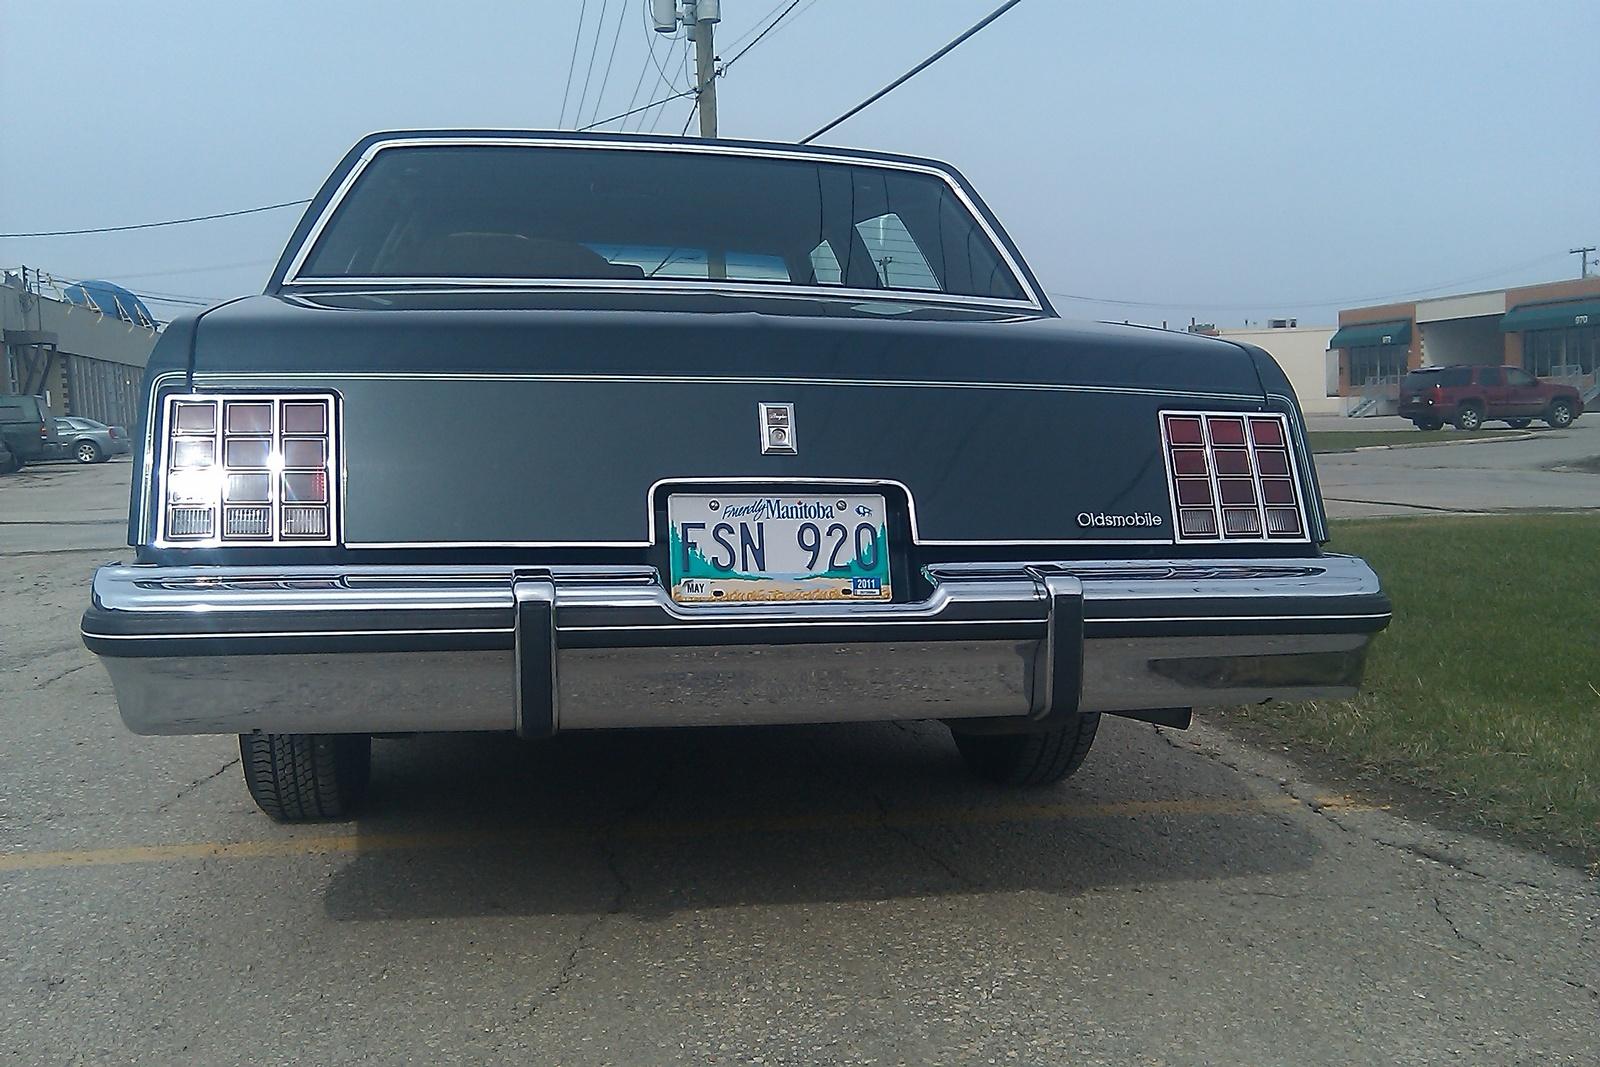 1982 Oldsmobile Cutlass Supreme picture